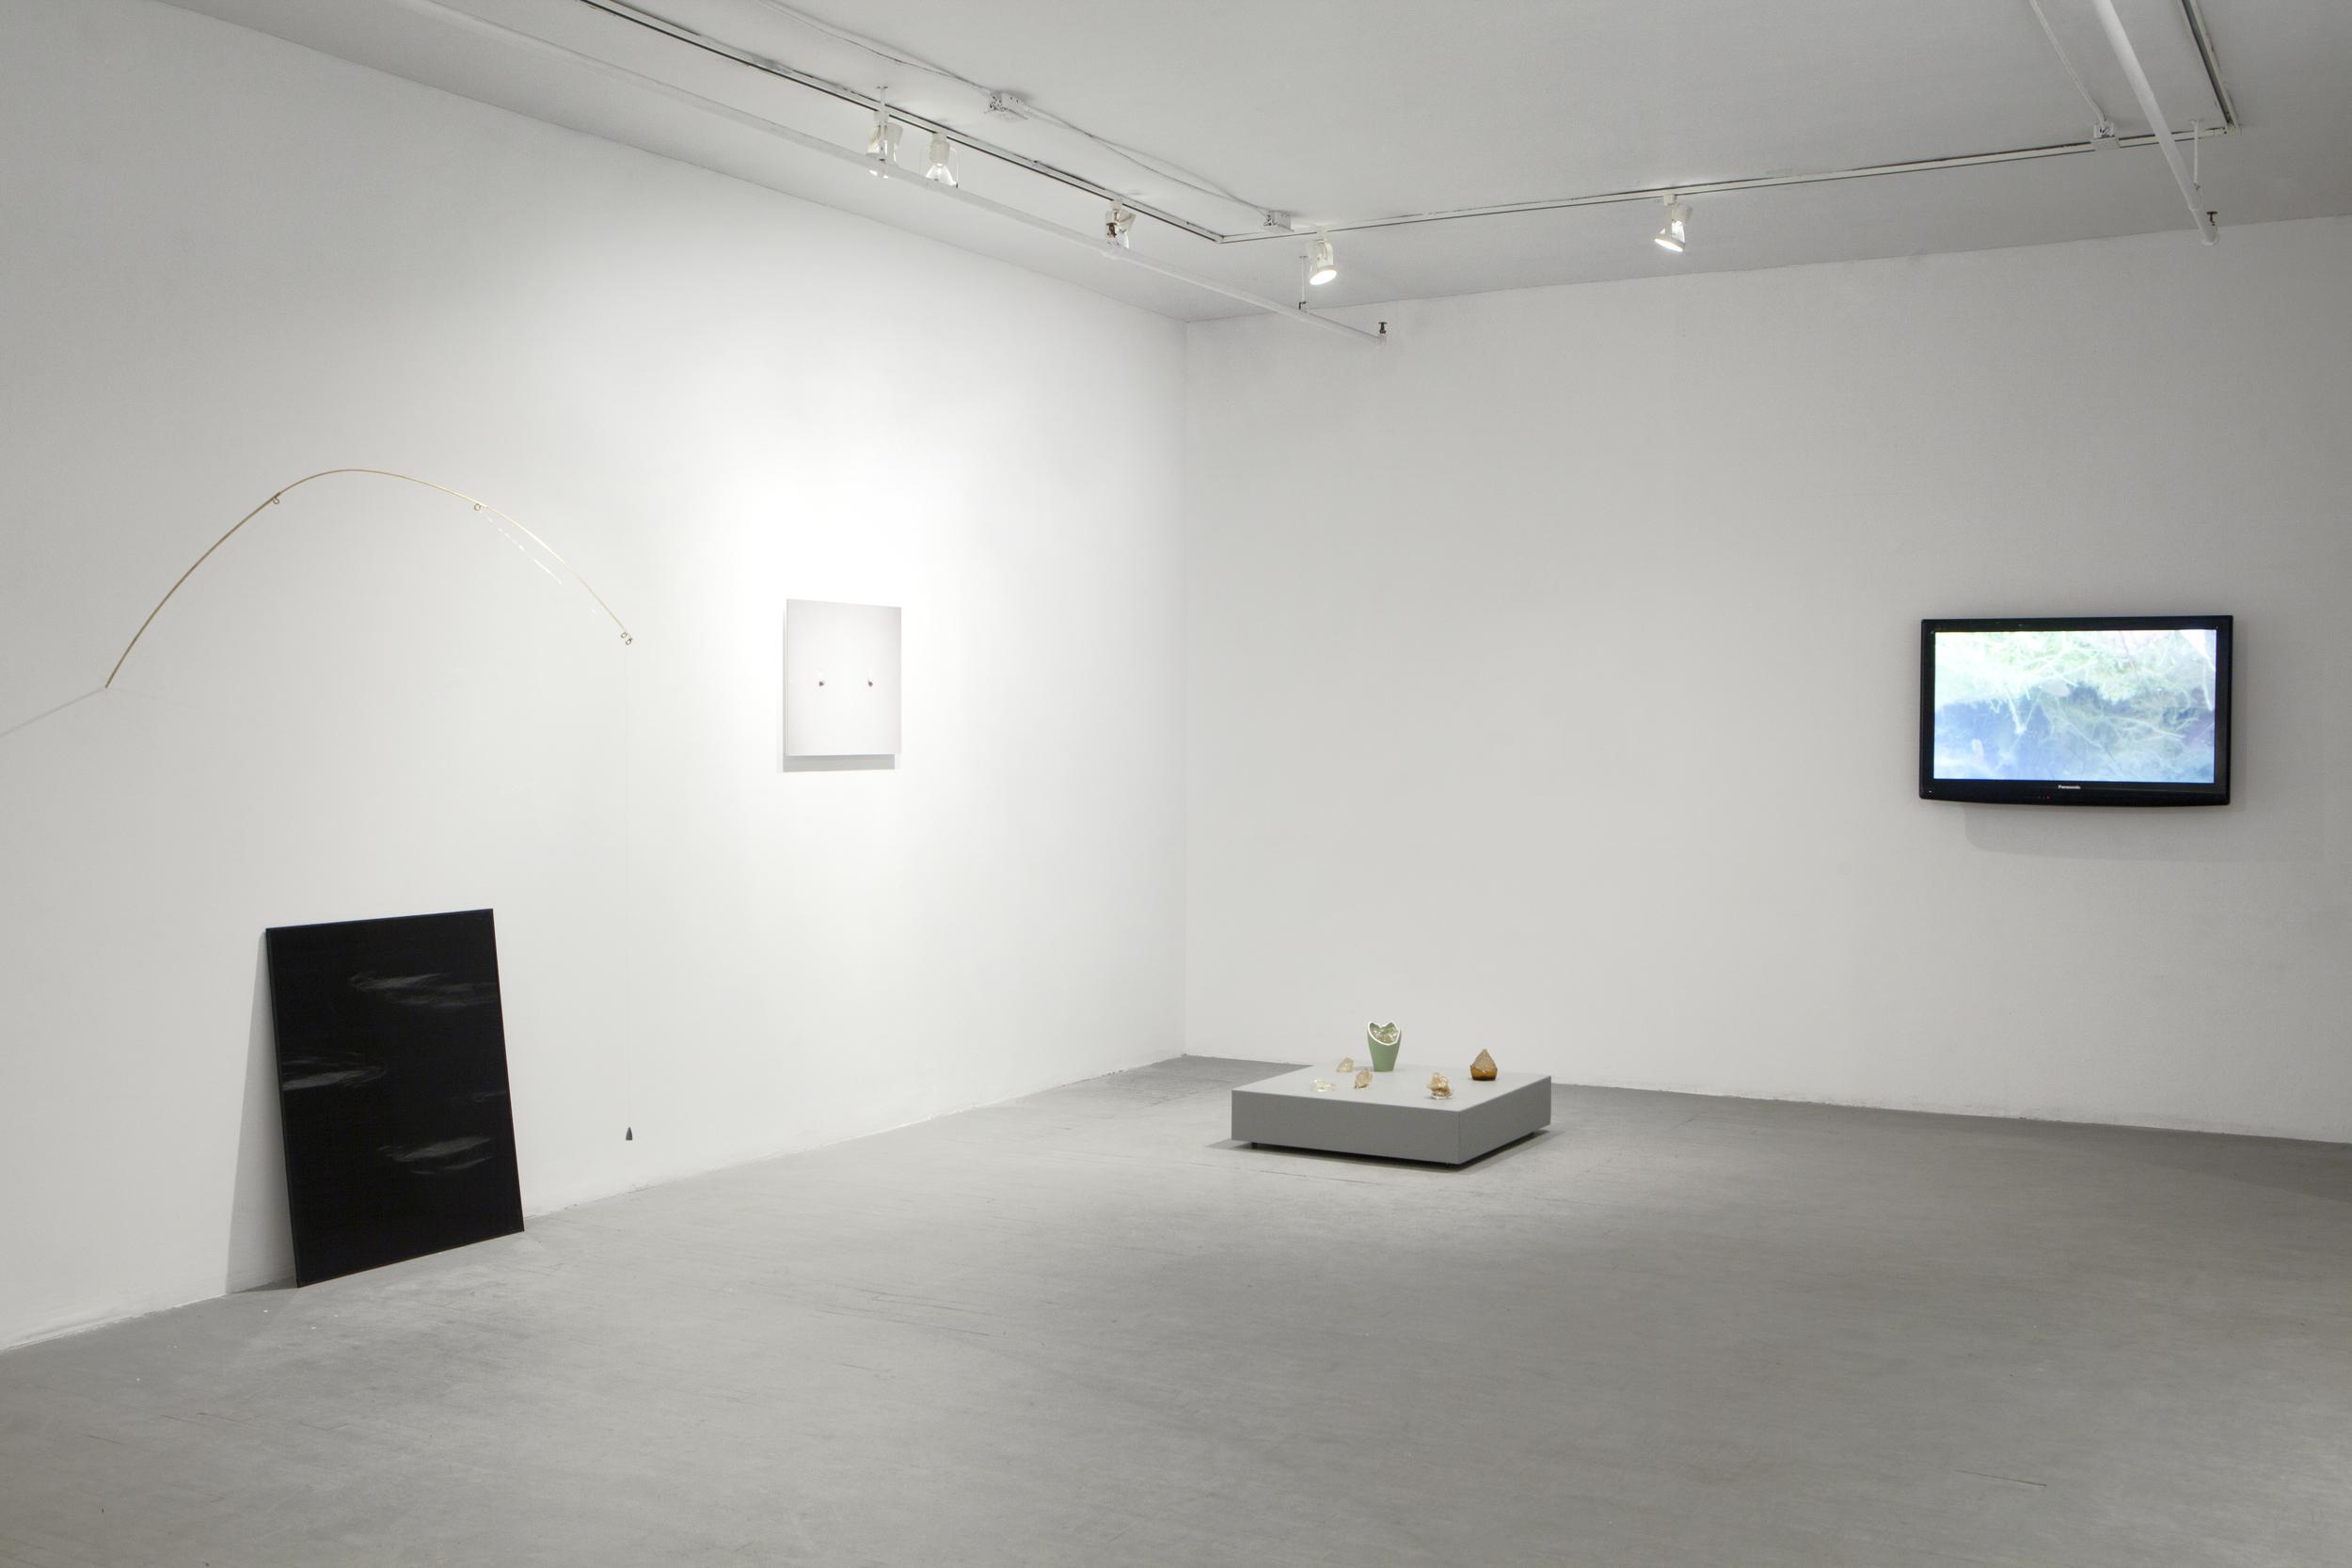 à l'ombre de mouche, 2014, installation view at Les Territoires